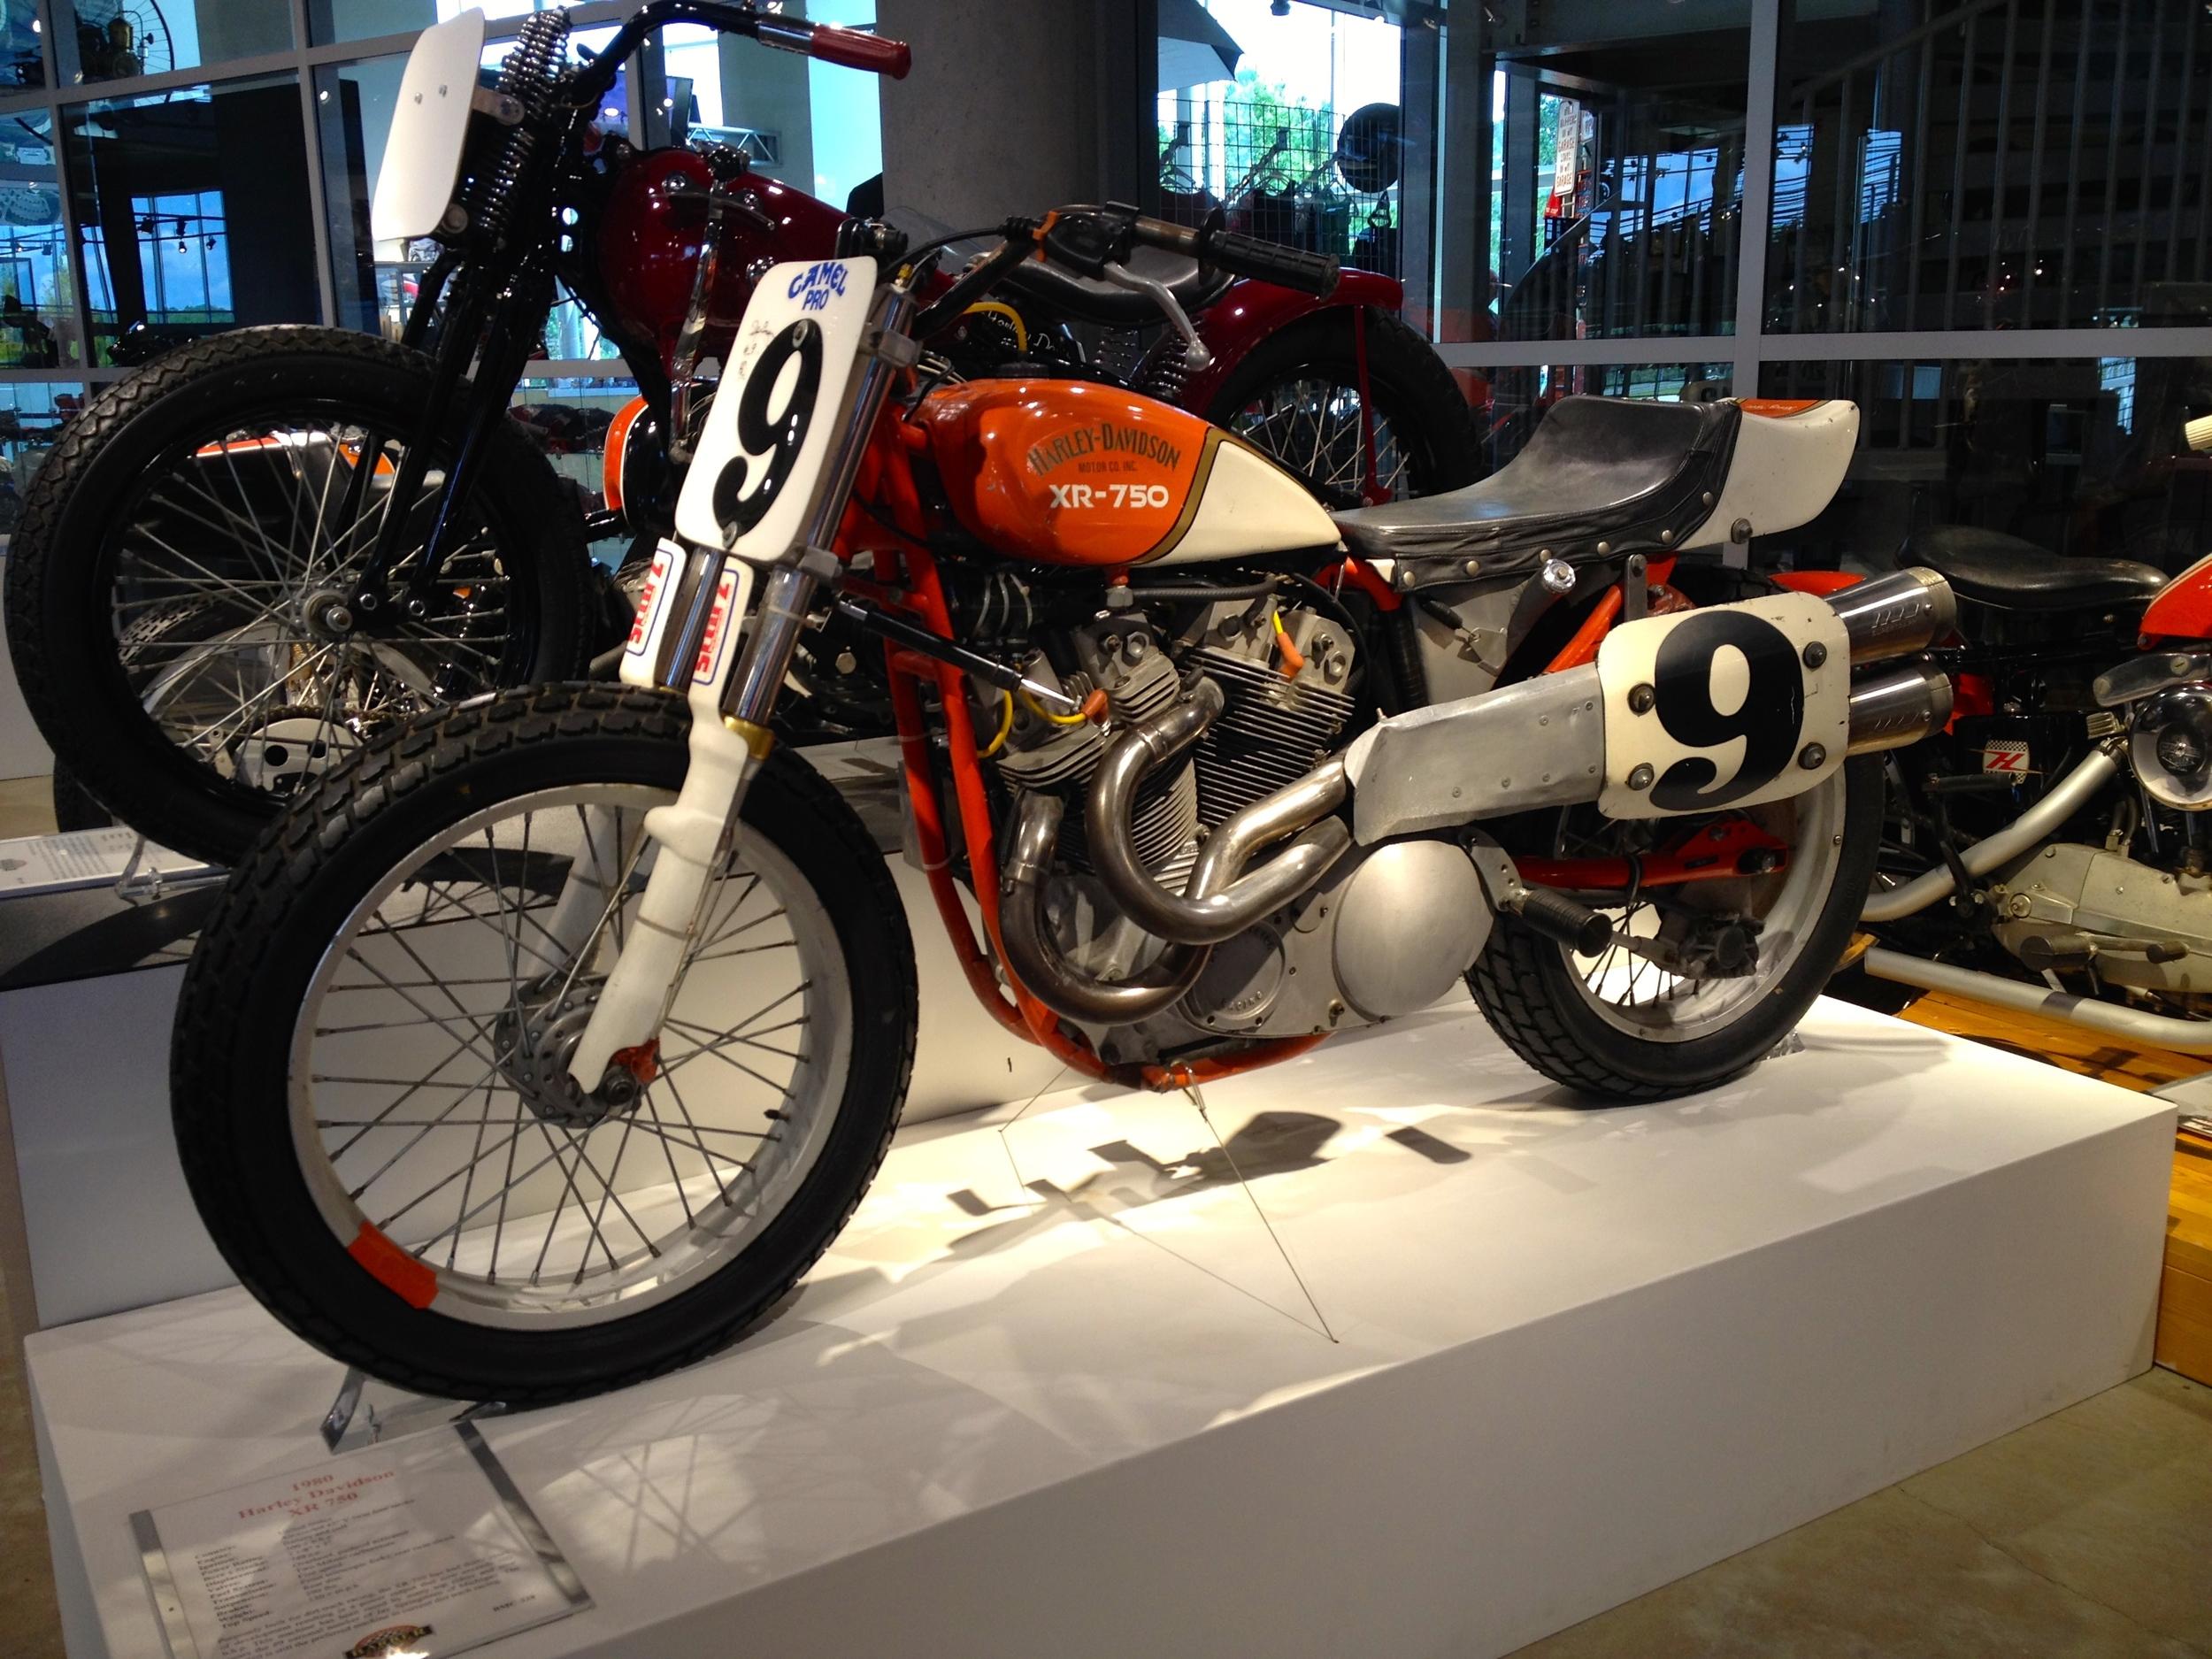 Springer's bike